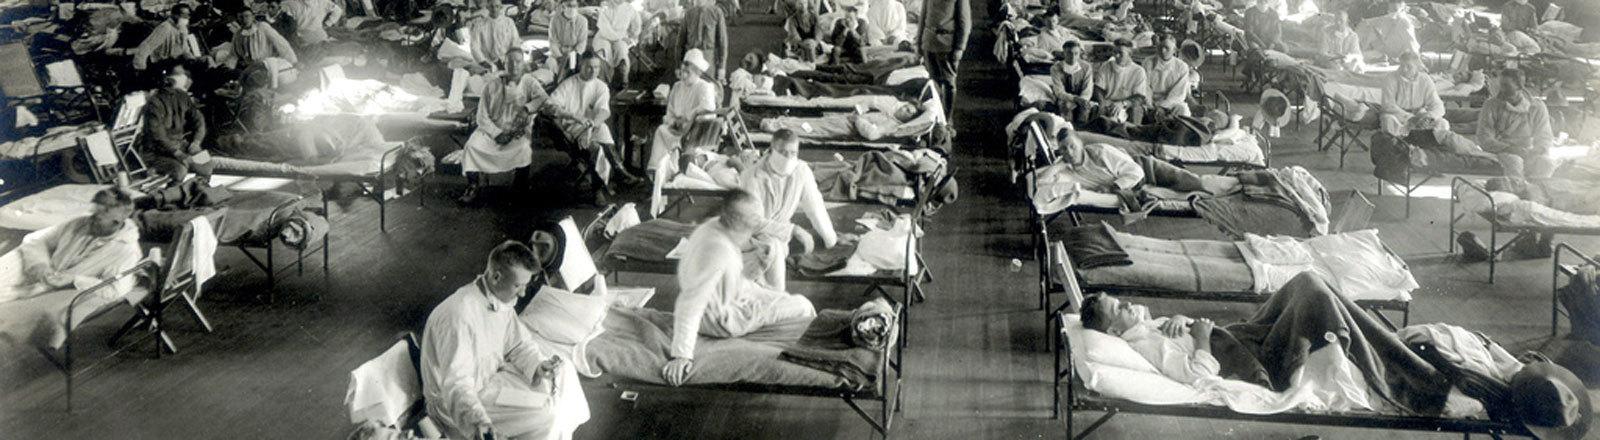 Grippe-Pandemie: atienten, die an der Spanischen Grippe erkrankt sind, liegen in Betten eines Notfallkrankenhauses im Camp Funston der Militärbasis Fort Riley in Kansas, USA